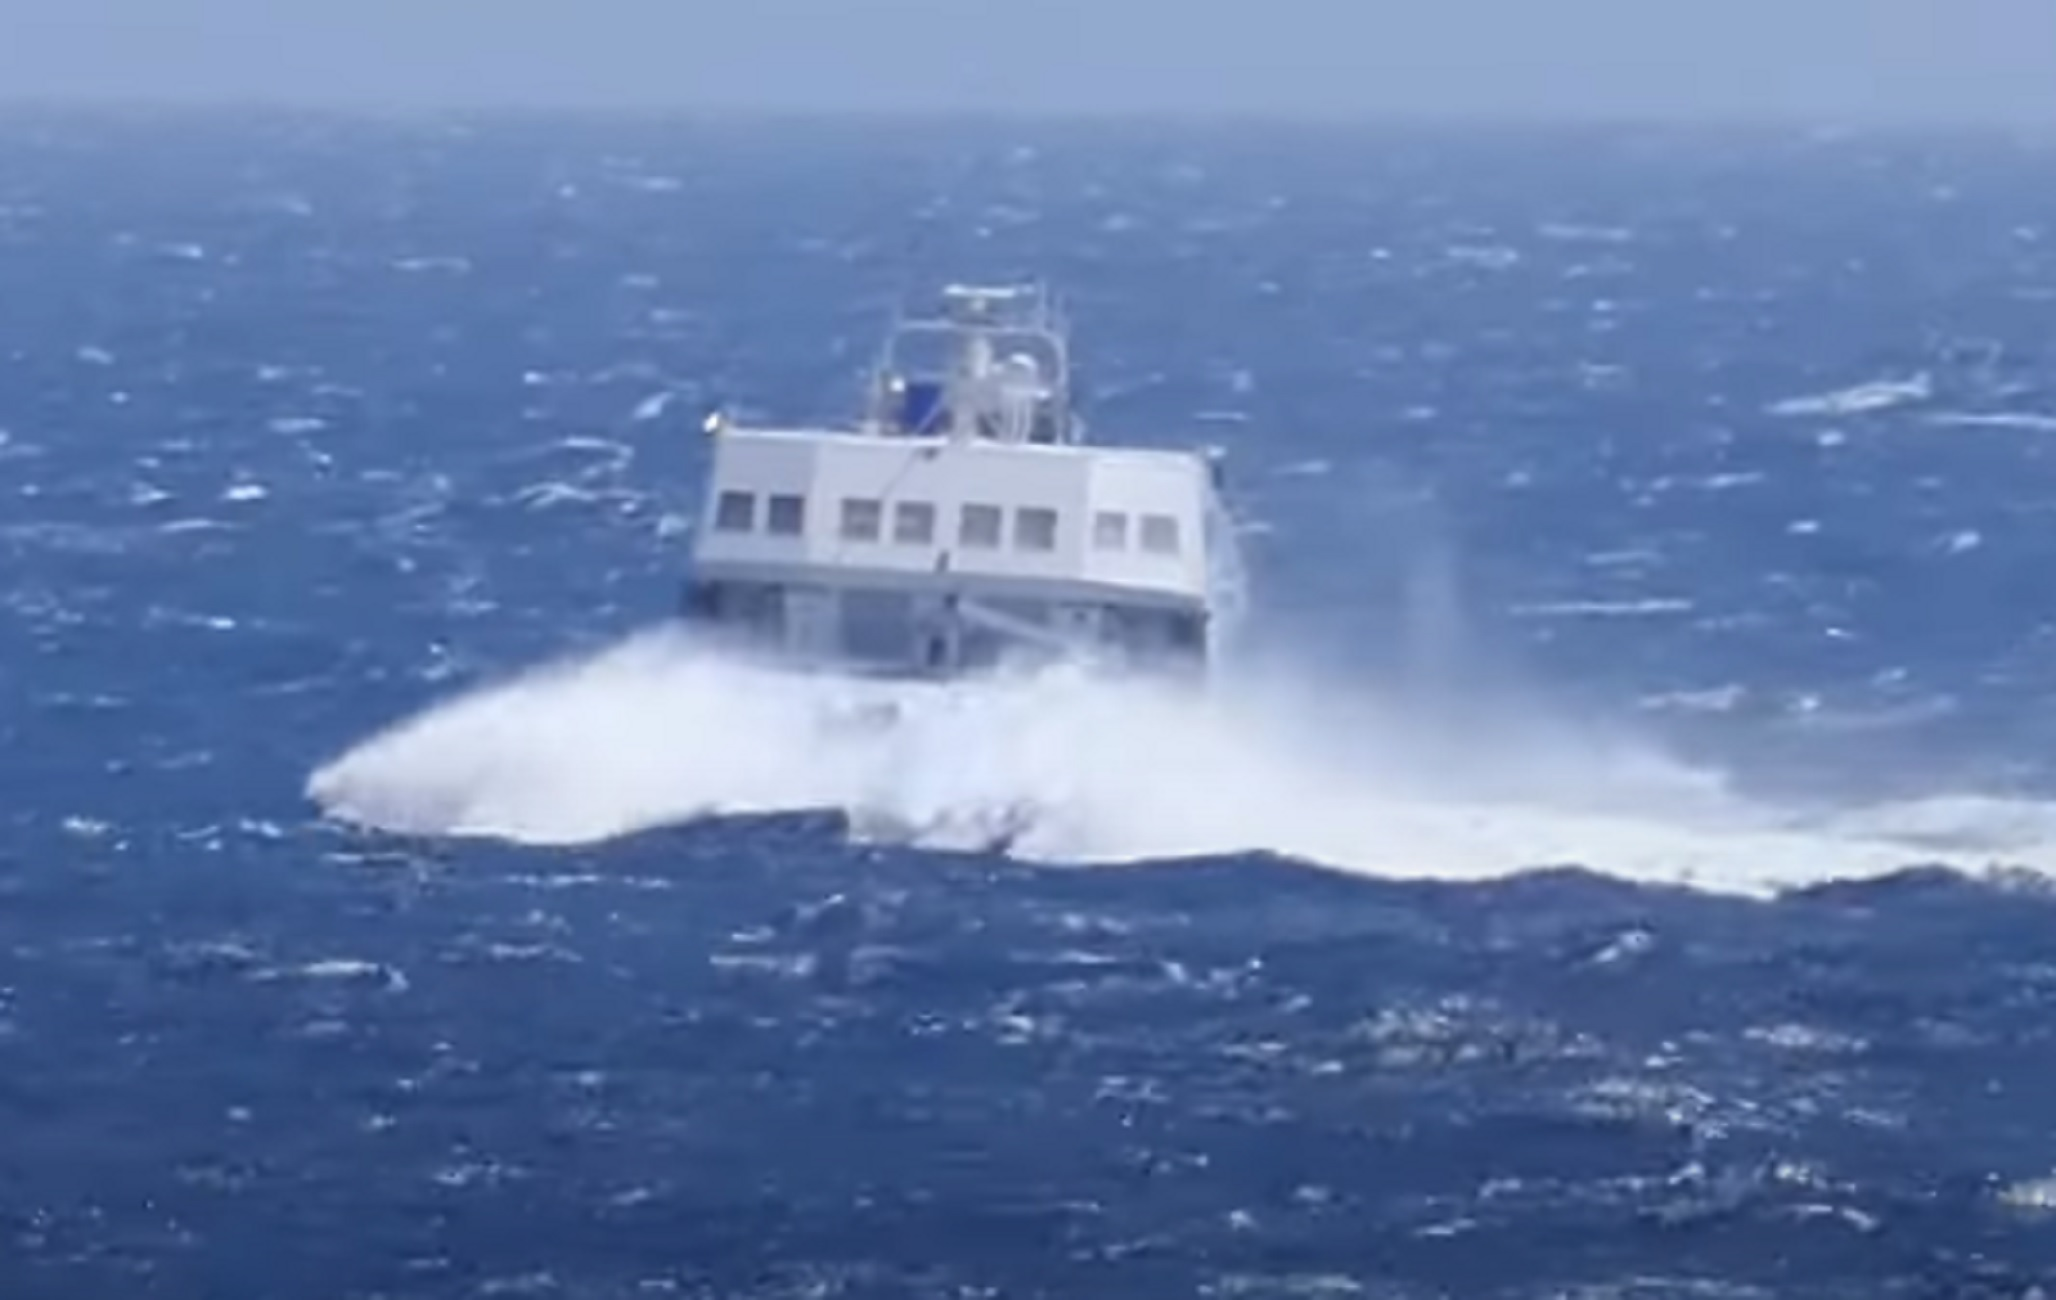 Φολέγανδρος: Δαμάζει τα κύματα και συνεχίζει – Καθηλώνουν οι εικόνες με το Seajet 2 (video)